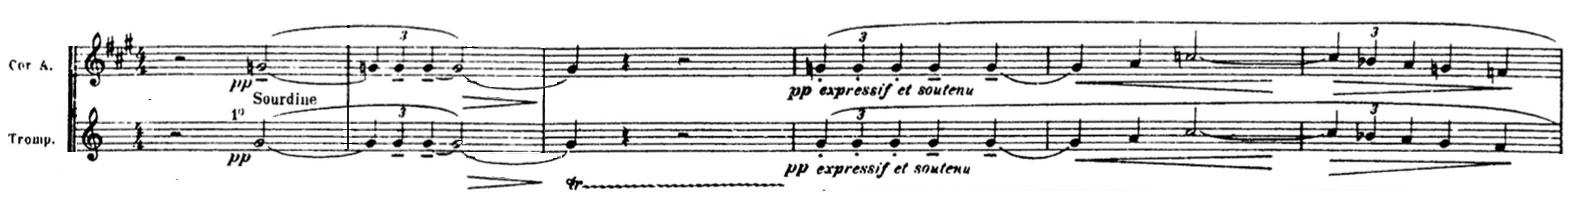 Partition La Mer de Claude Debussy, thème du cor anglais et d'une trompette